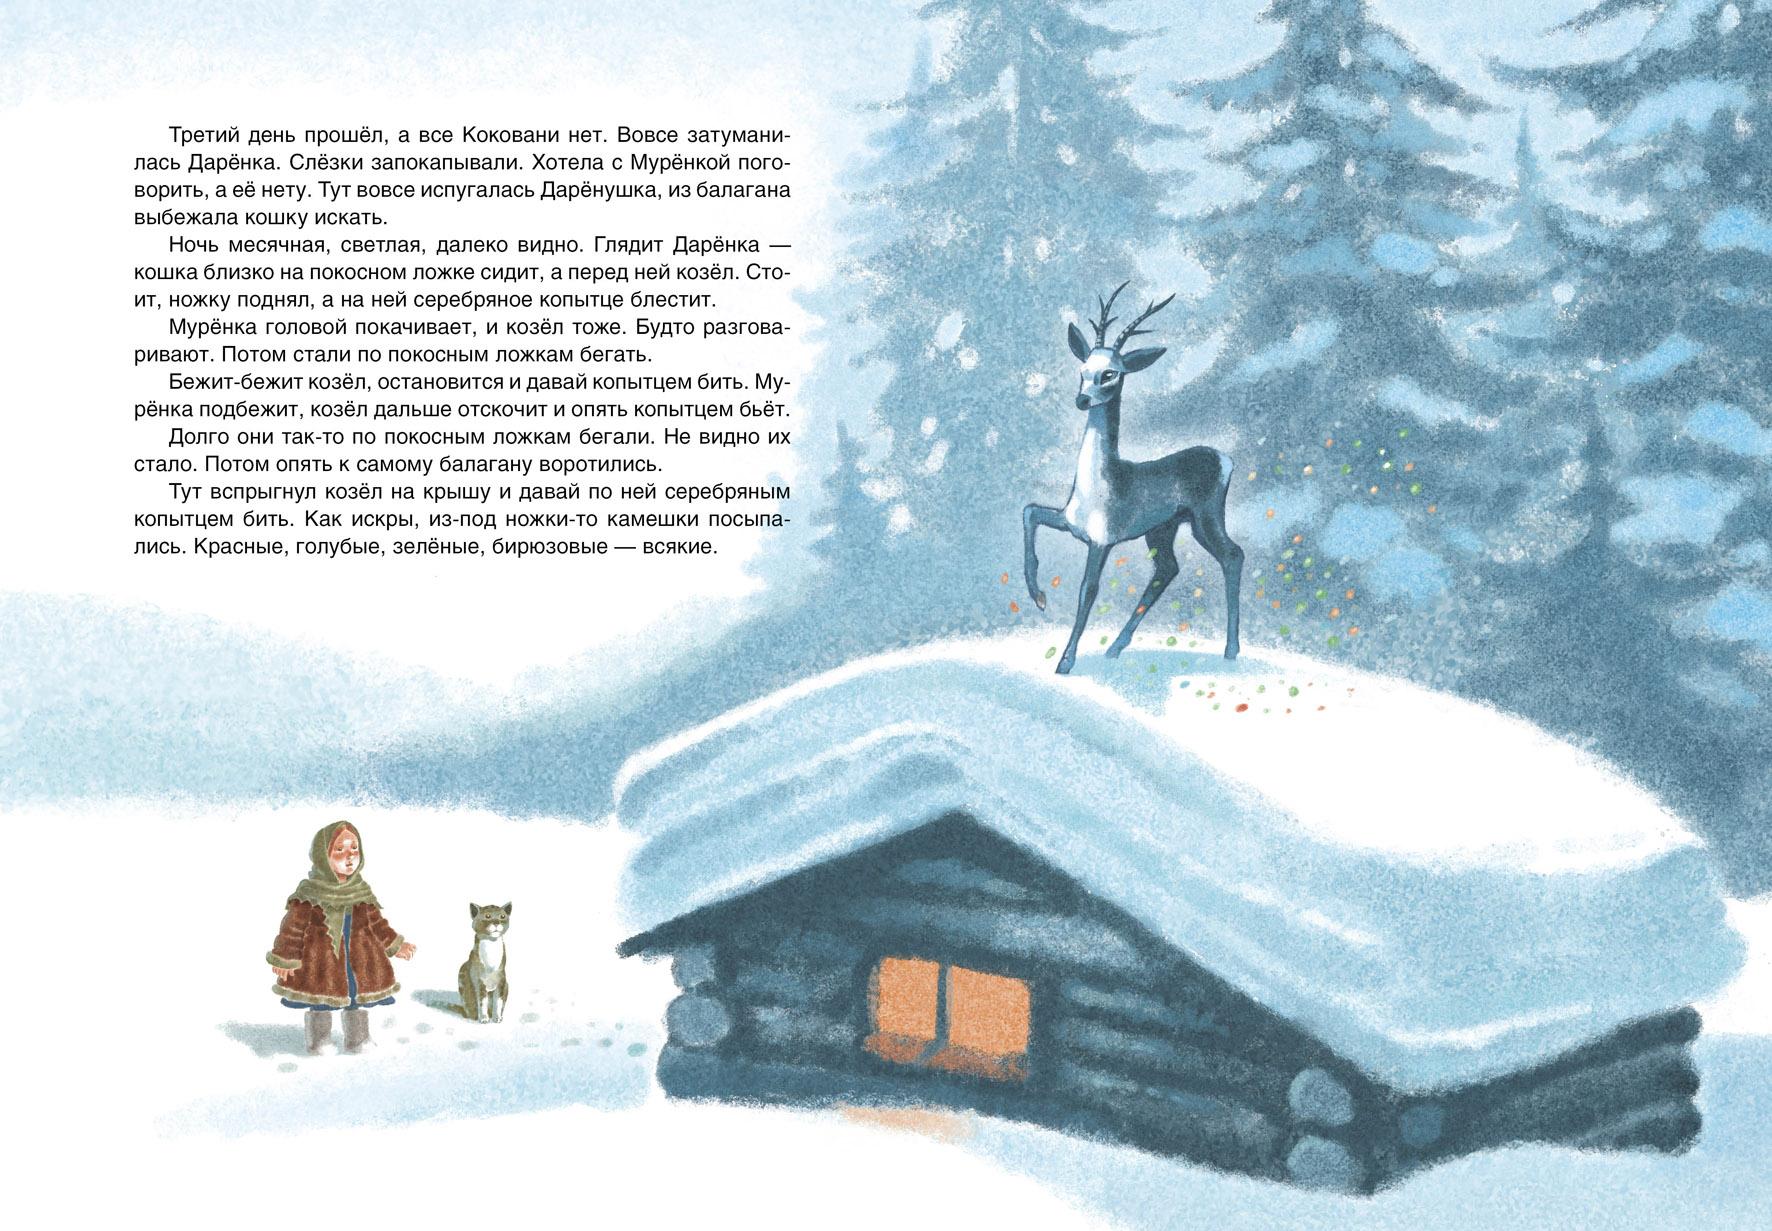 кружка картинки раскраски к сказке серебряное копытце знаю, советский